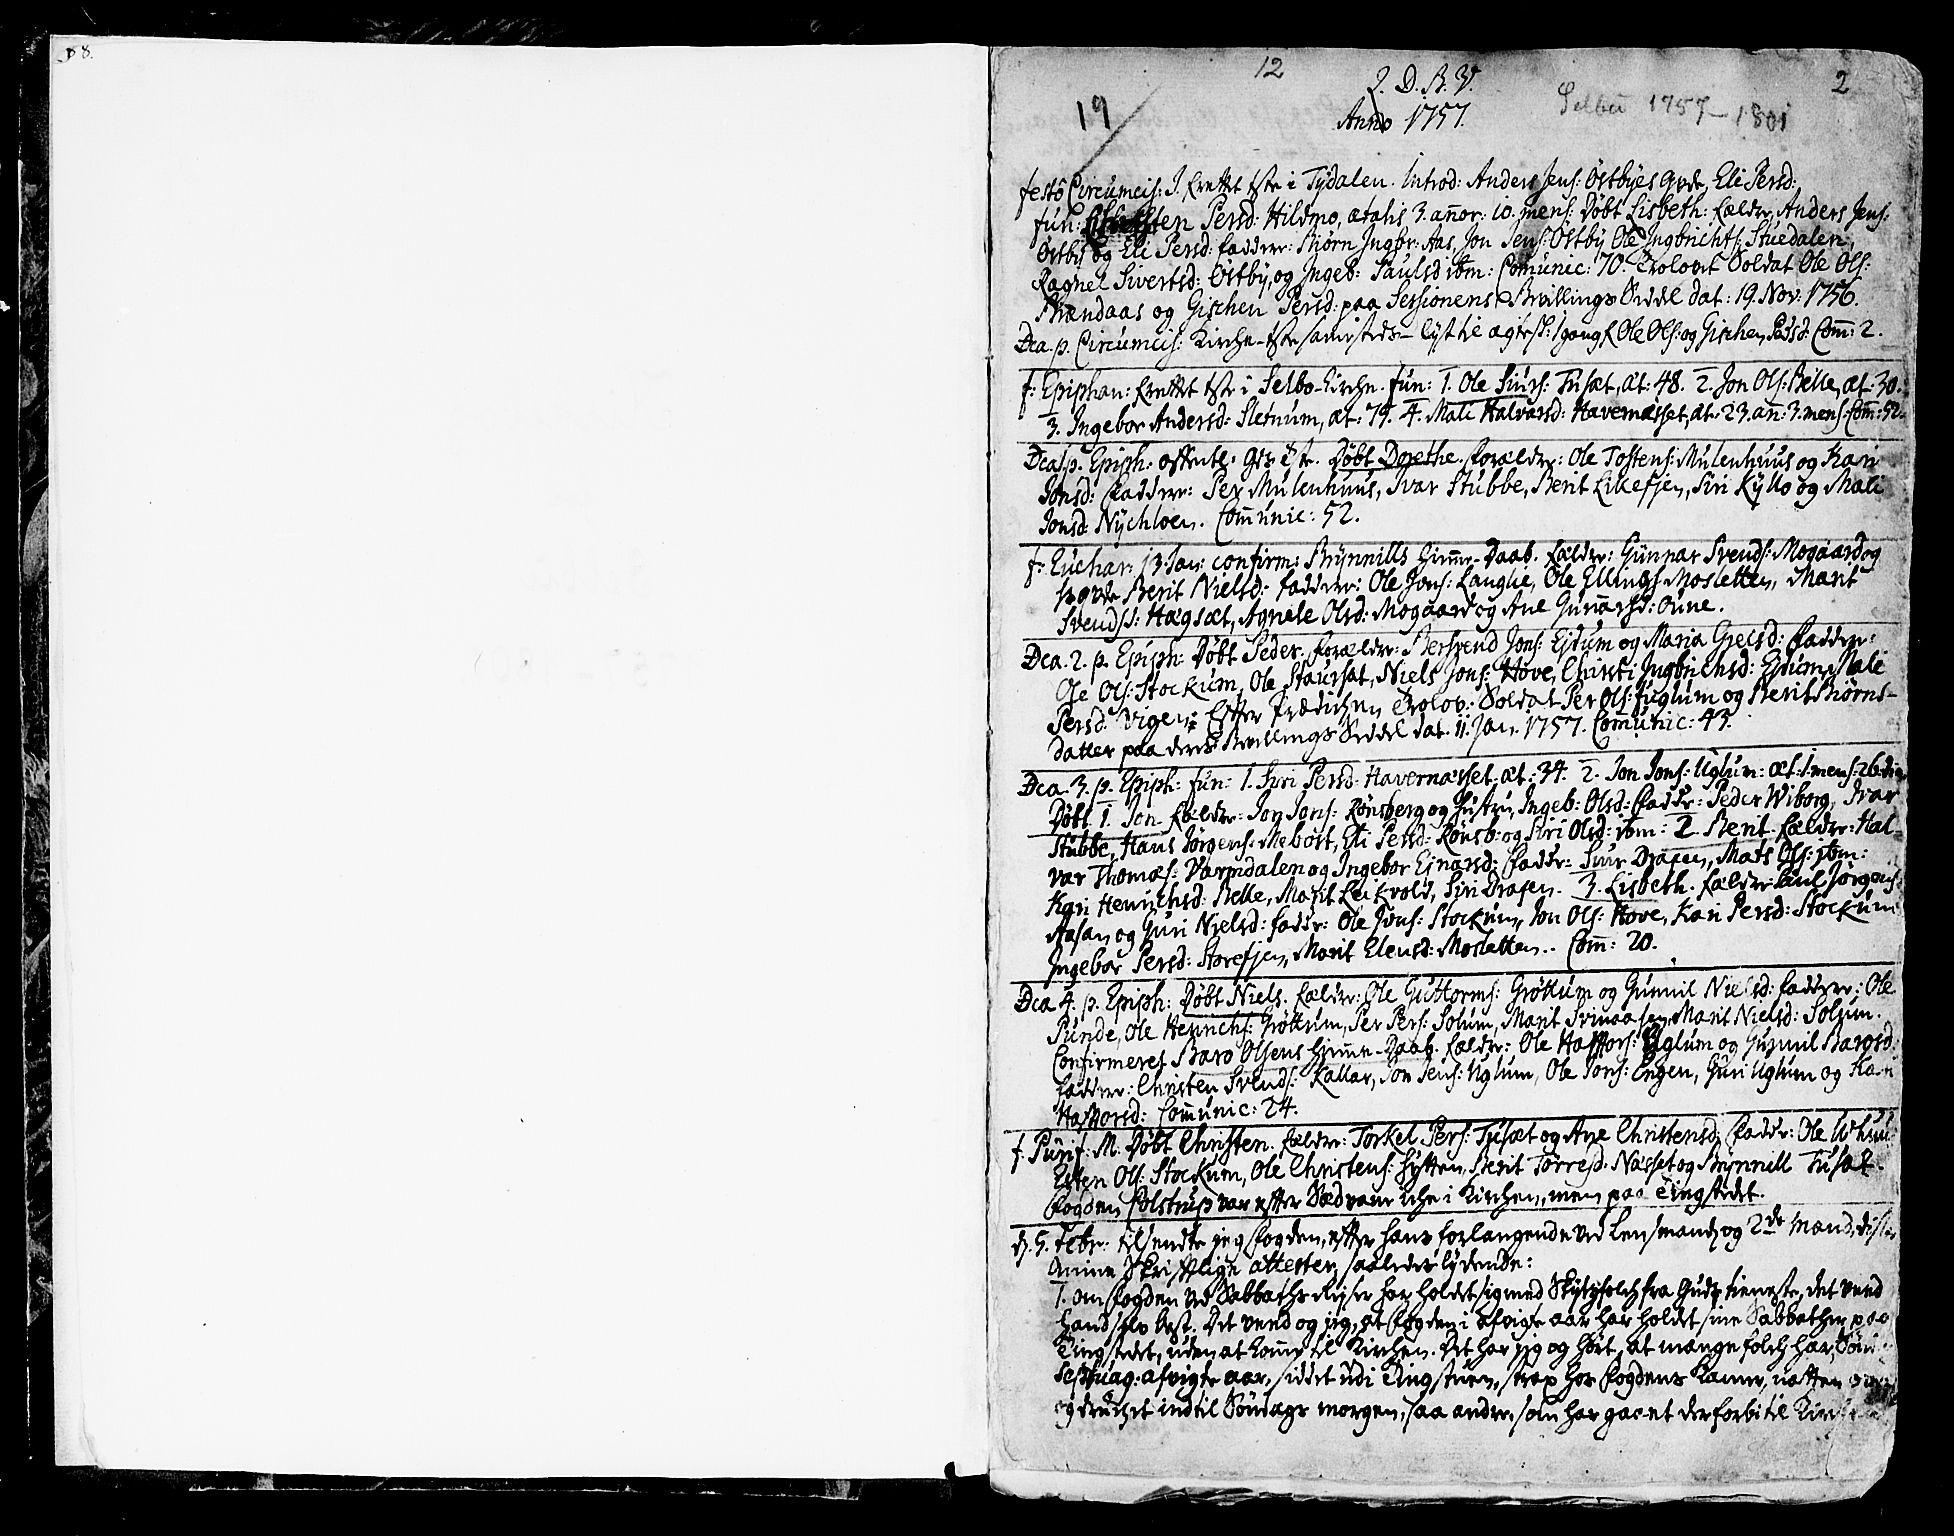 SAT, Ministerialprotokoller, klokkerbøker og fødselsregistre - Sør-Trøndelag, 695/L1138: Ministerialbok nr. 695A02 /1, 1757-1801, s. 2